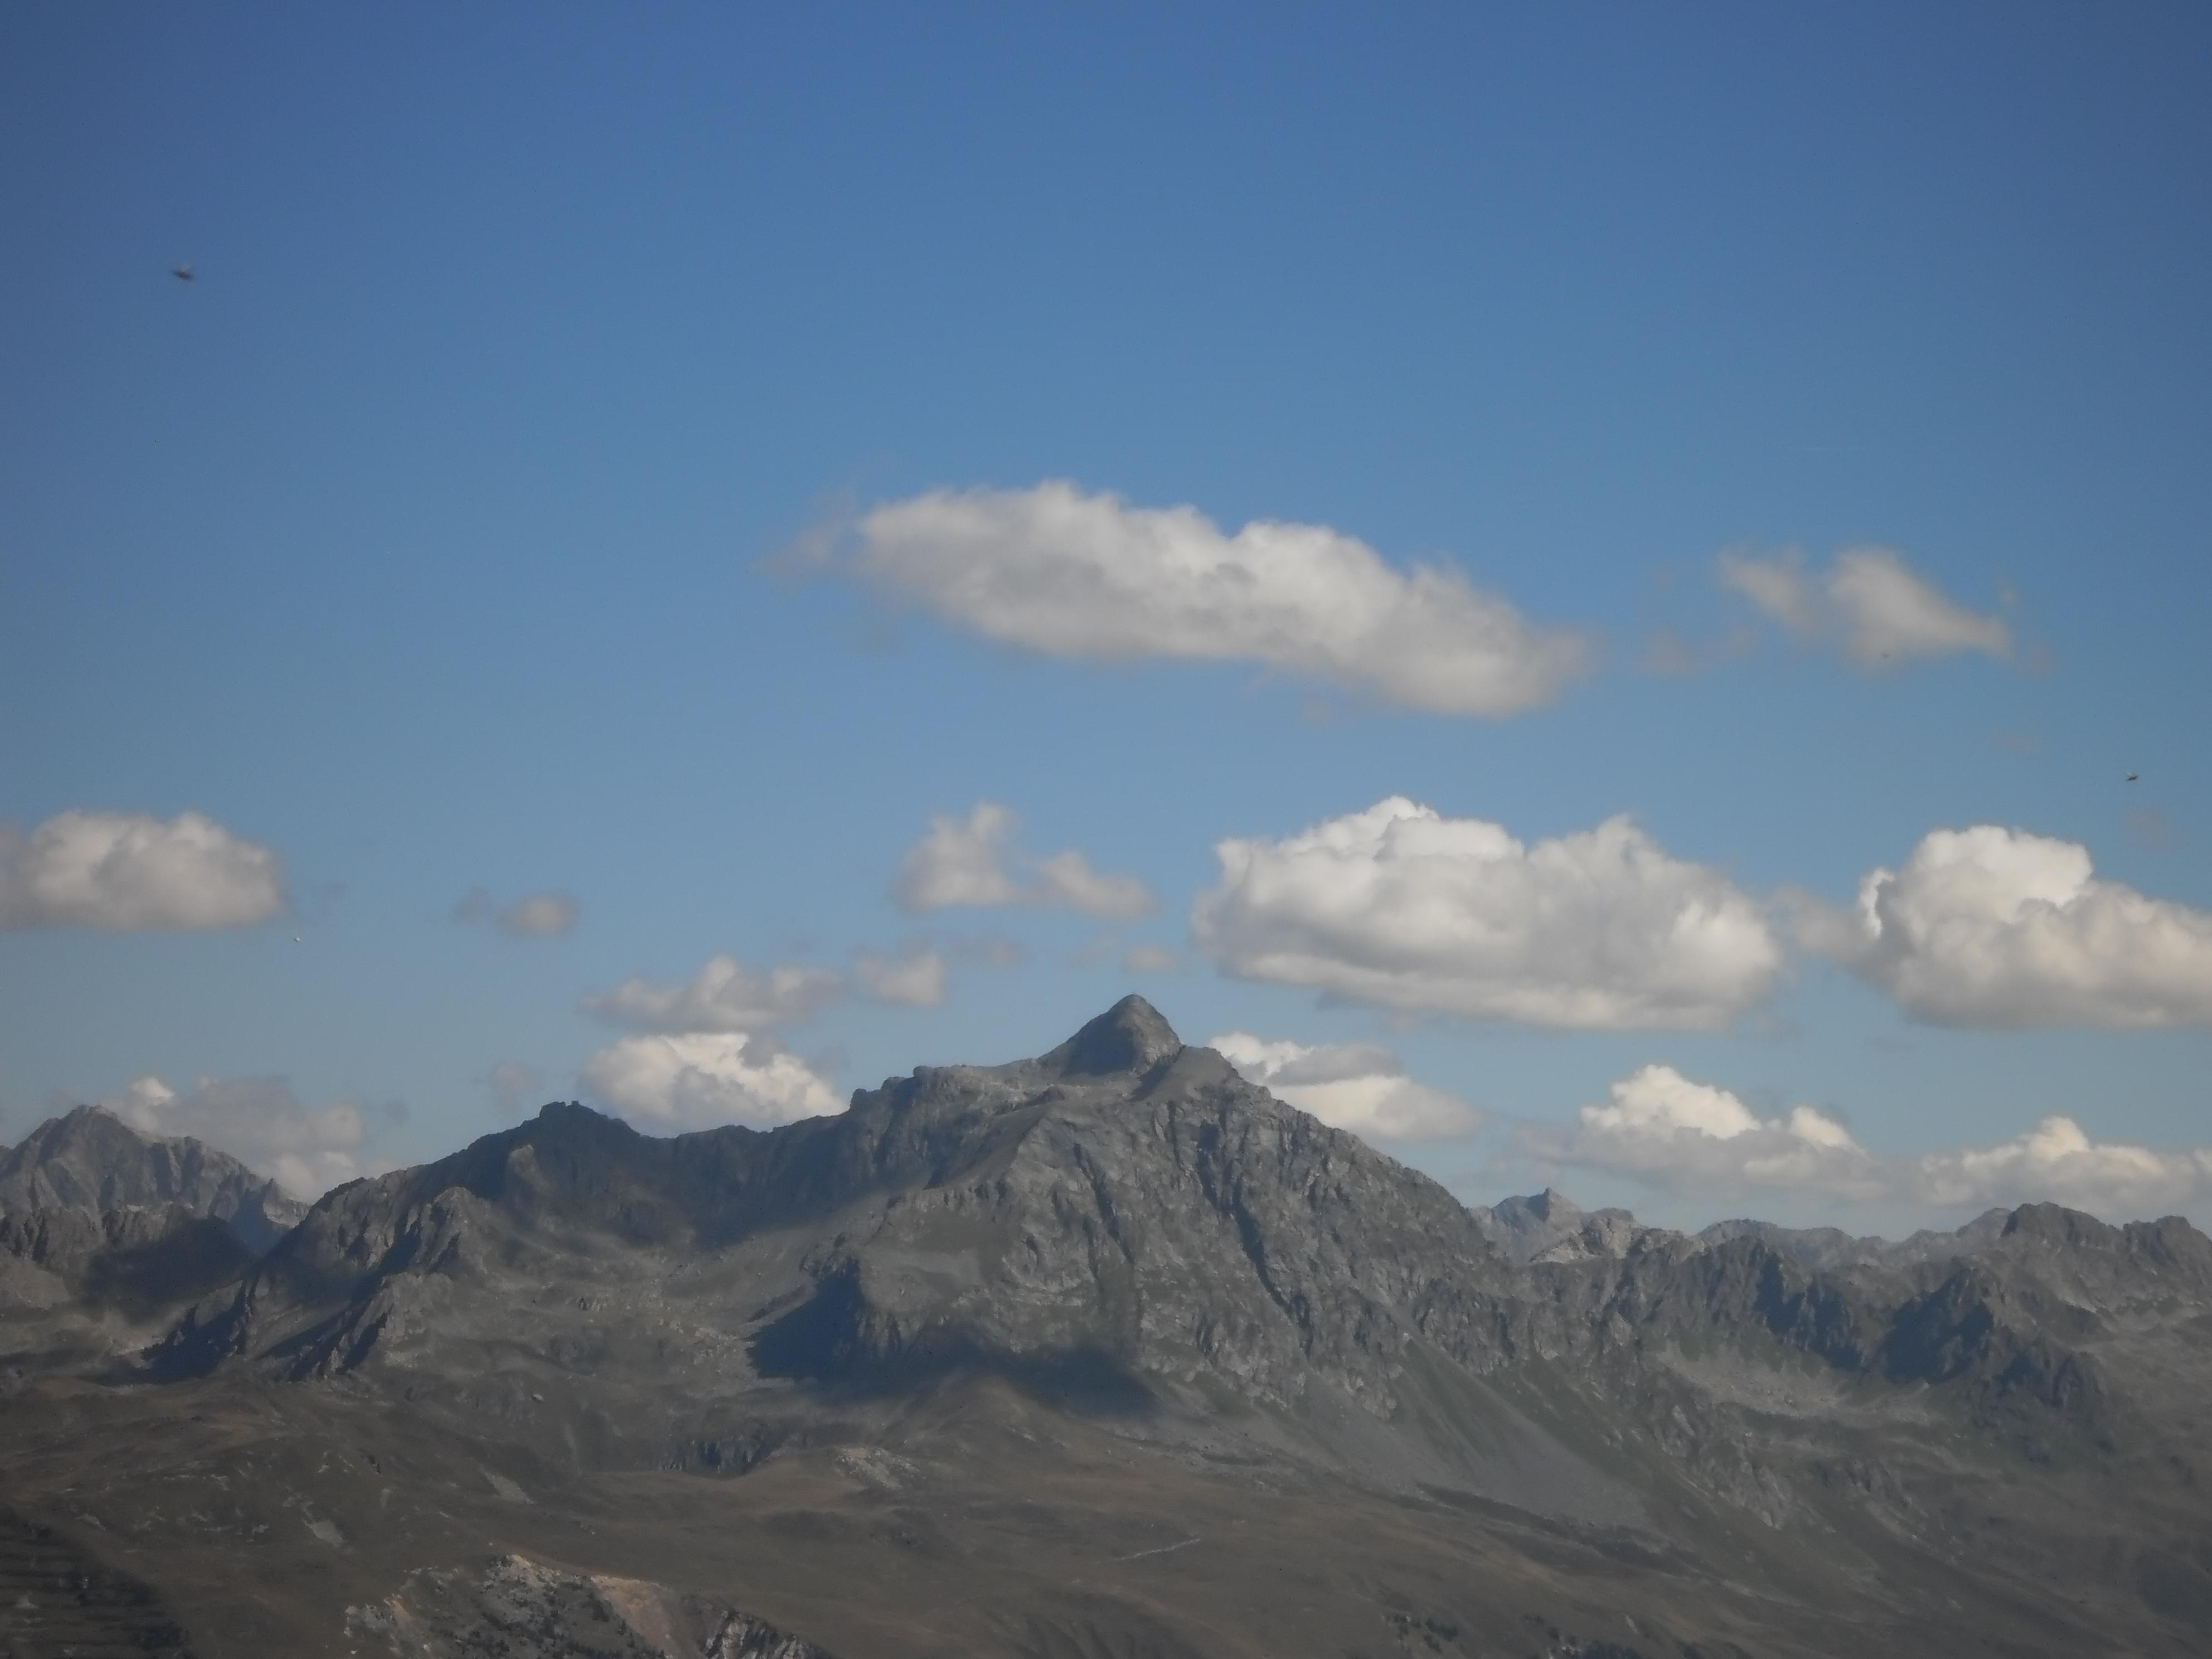 Klettersteig Burg : Klettersteig beschreibung rifa